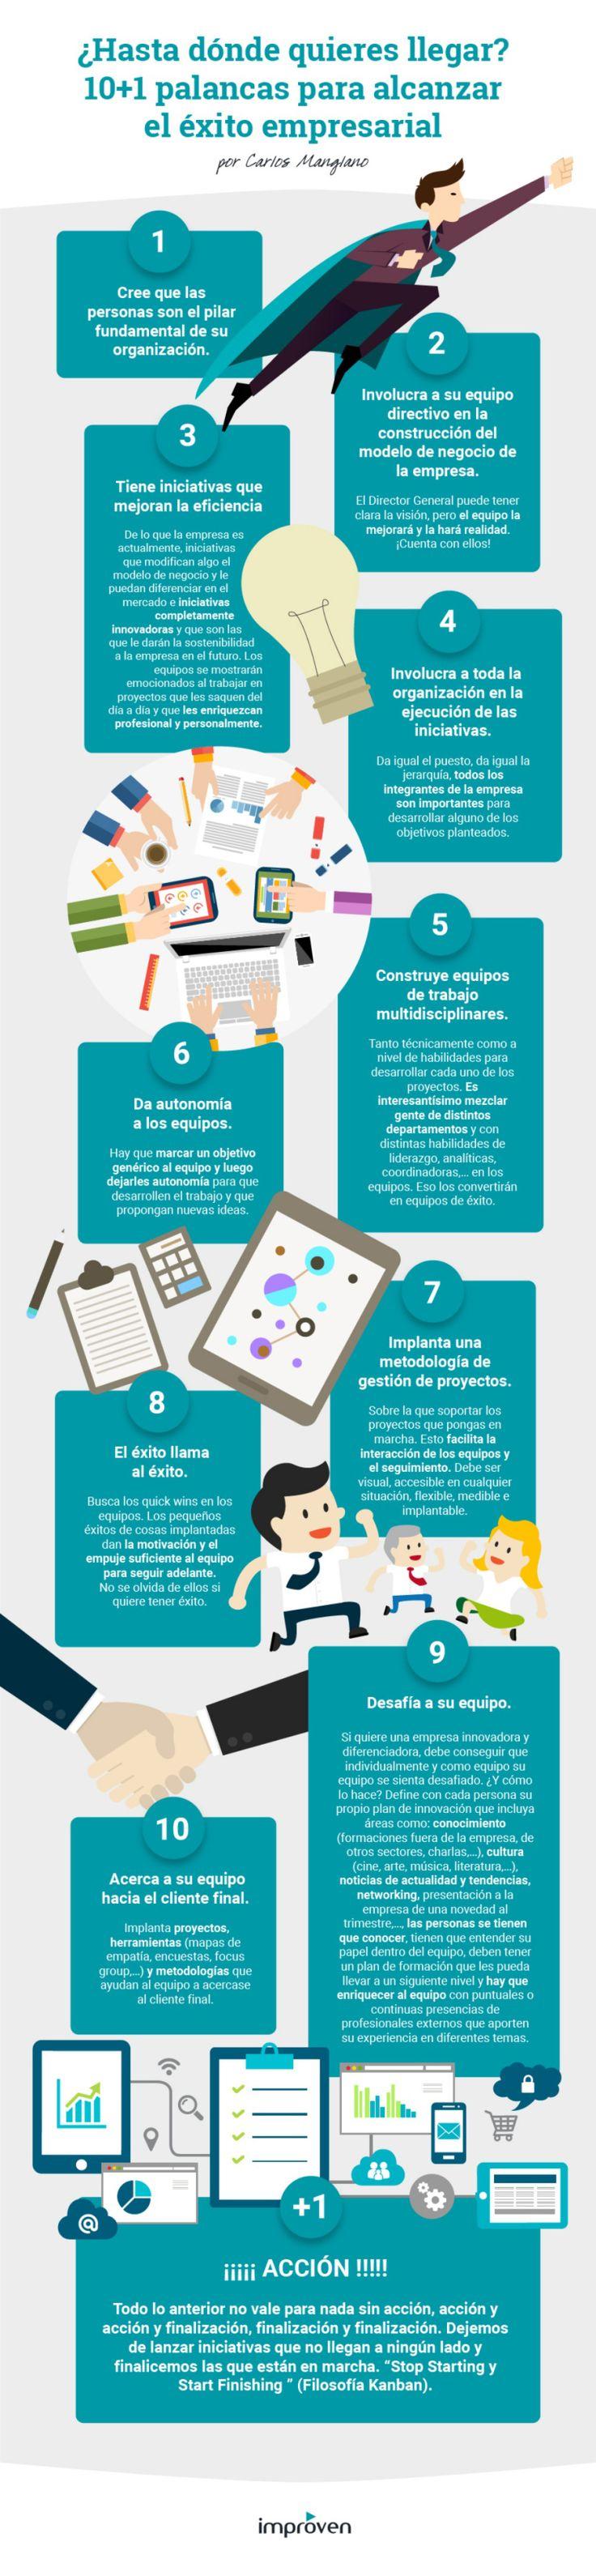 10+1 palancas para conseguir el éxito empresarial #infografia #infographic #entrepreneurship